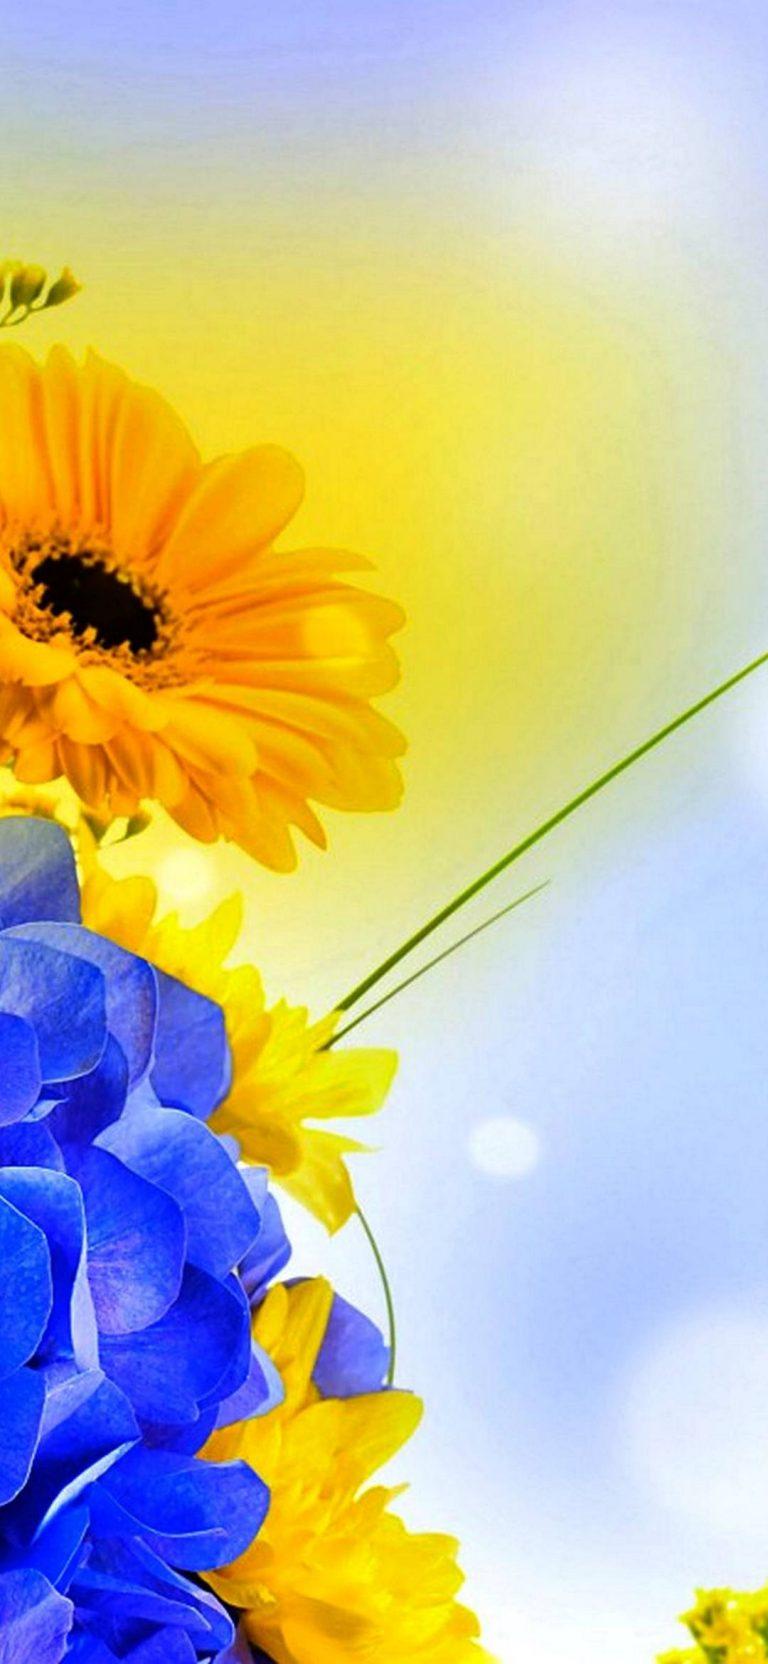 Spring Petals 1080x2340 768x1664